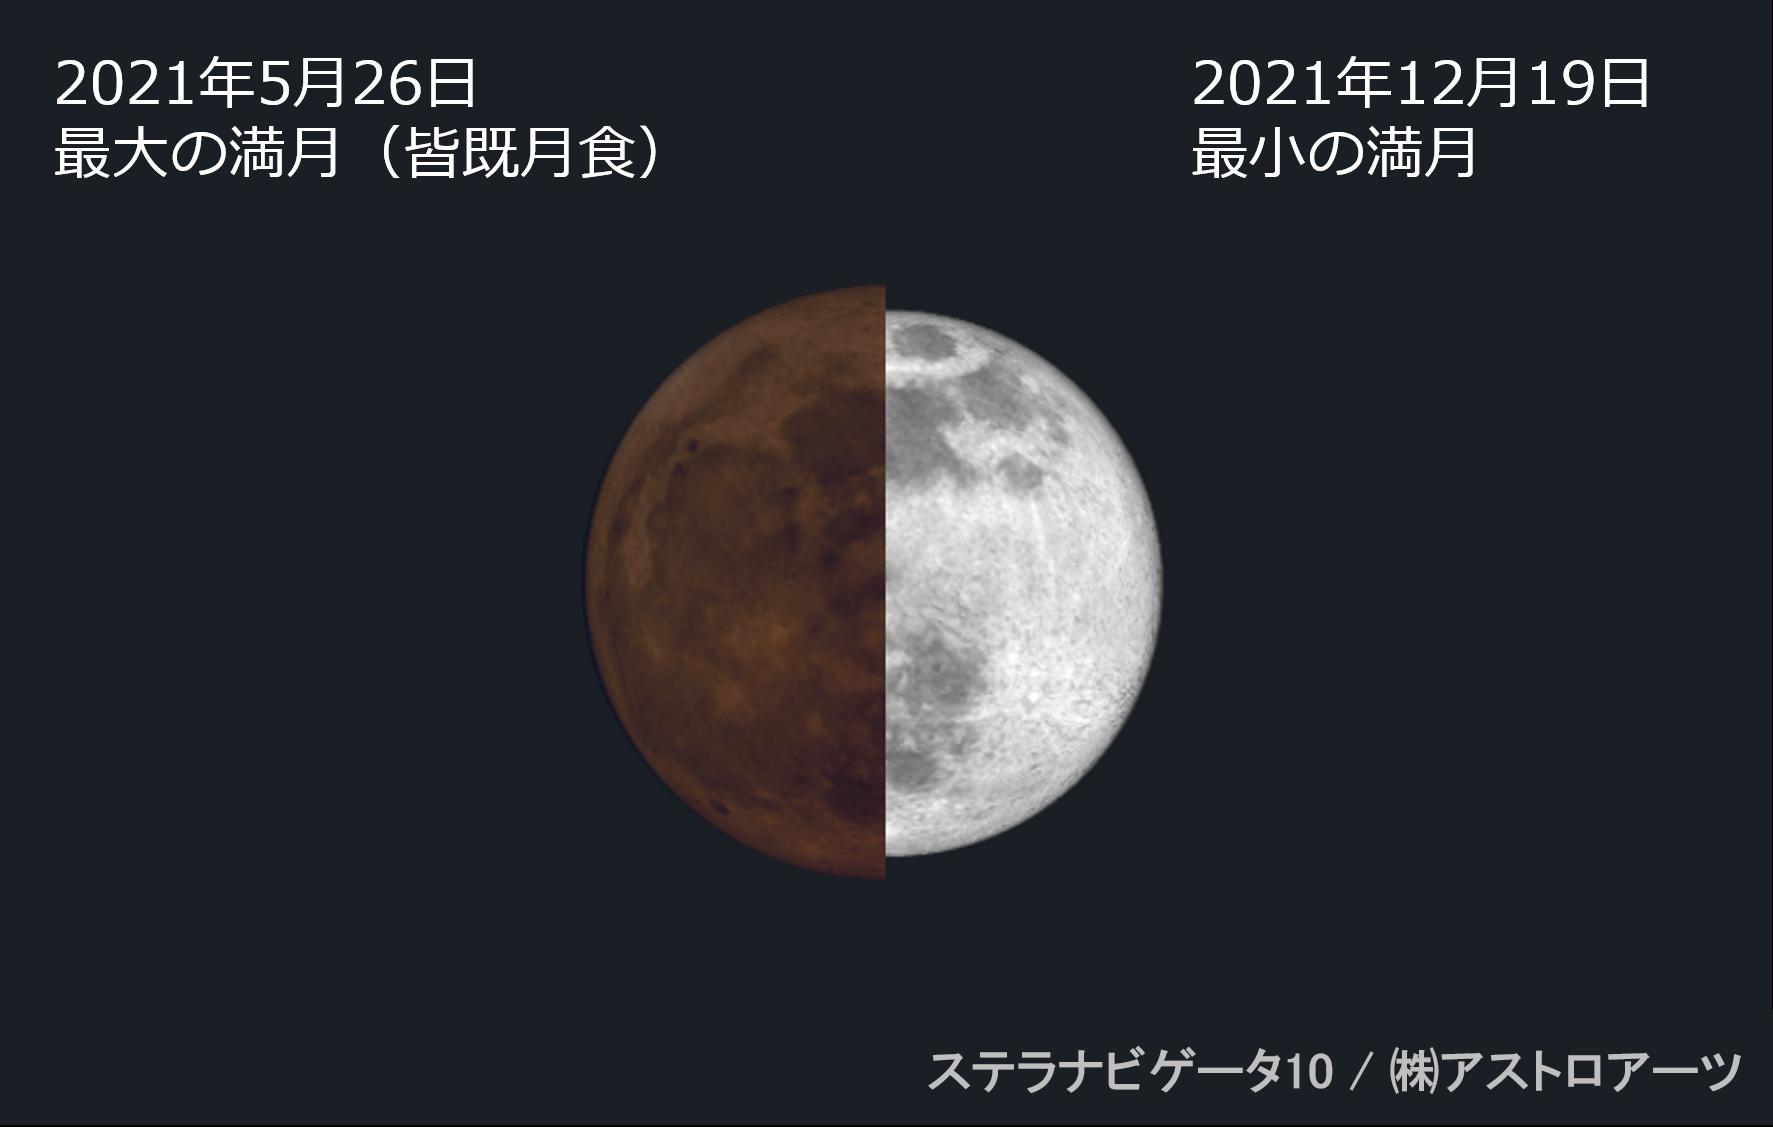 """何時 満月 今日 の 今日は2021年最大の満月""""スーパームーン""""で、皆既月食だよ!【今日は何の日】¶5月26日(FORZA STYLE)"""